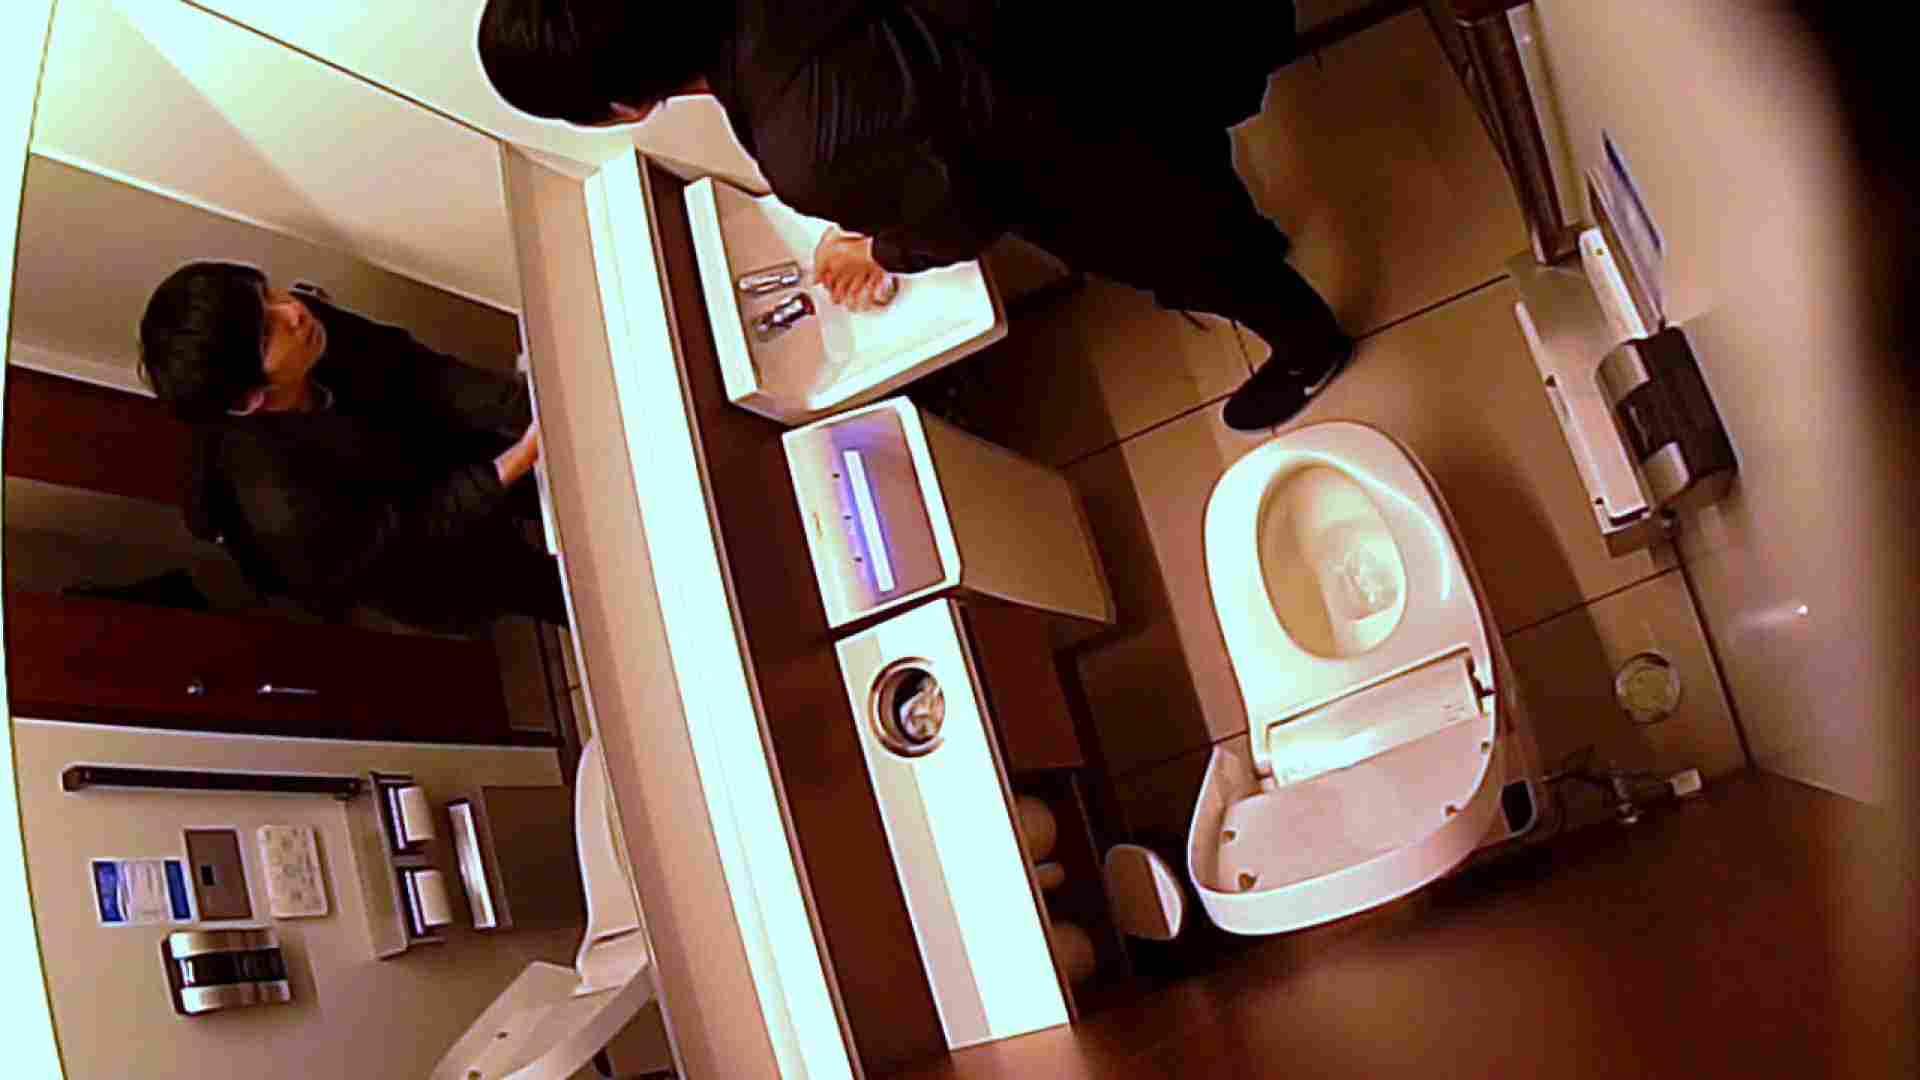 すみませんが覗かせてください Vol.32 トイレ | 0  102pic 71